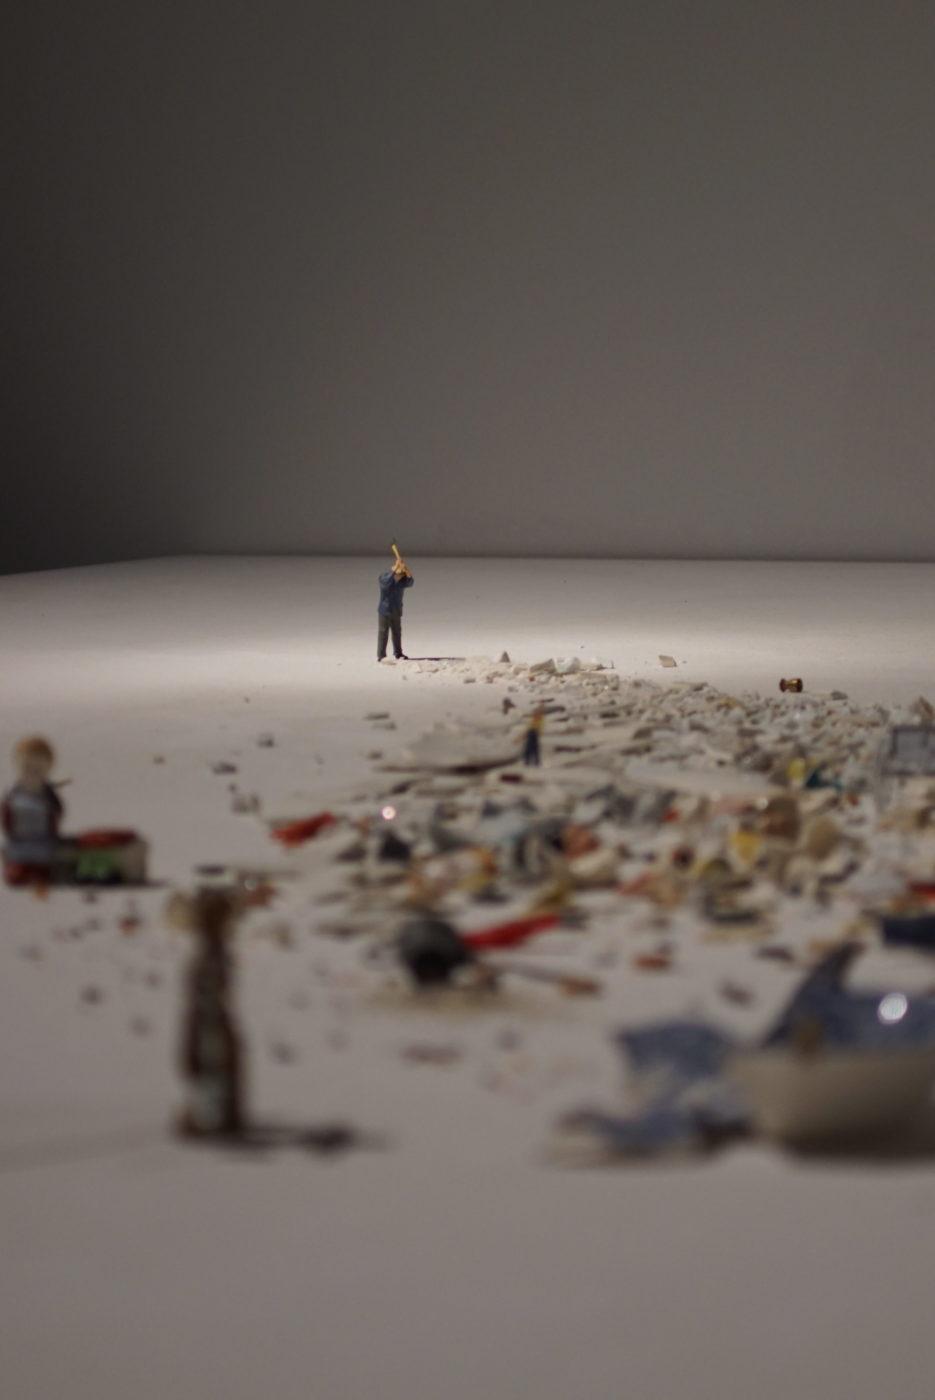 es sind mehrere Miniaturmenschen aus dem Modelleisenbahnbau zu sehen. Sie stehen vor Geröll und Schutt und einer dieser Menschen schlägt mit einem Vorschlaghammer auf den Schutt ein